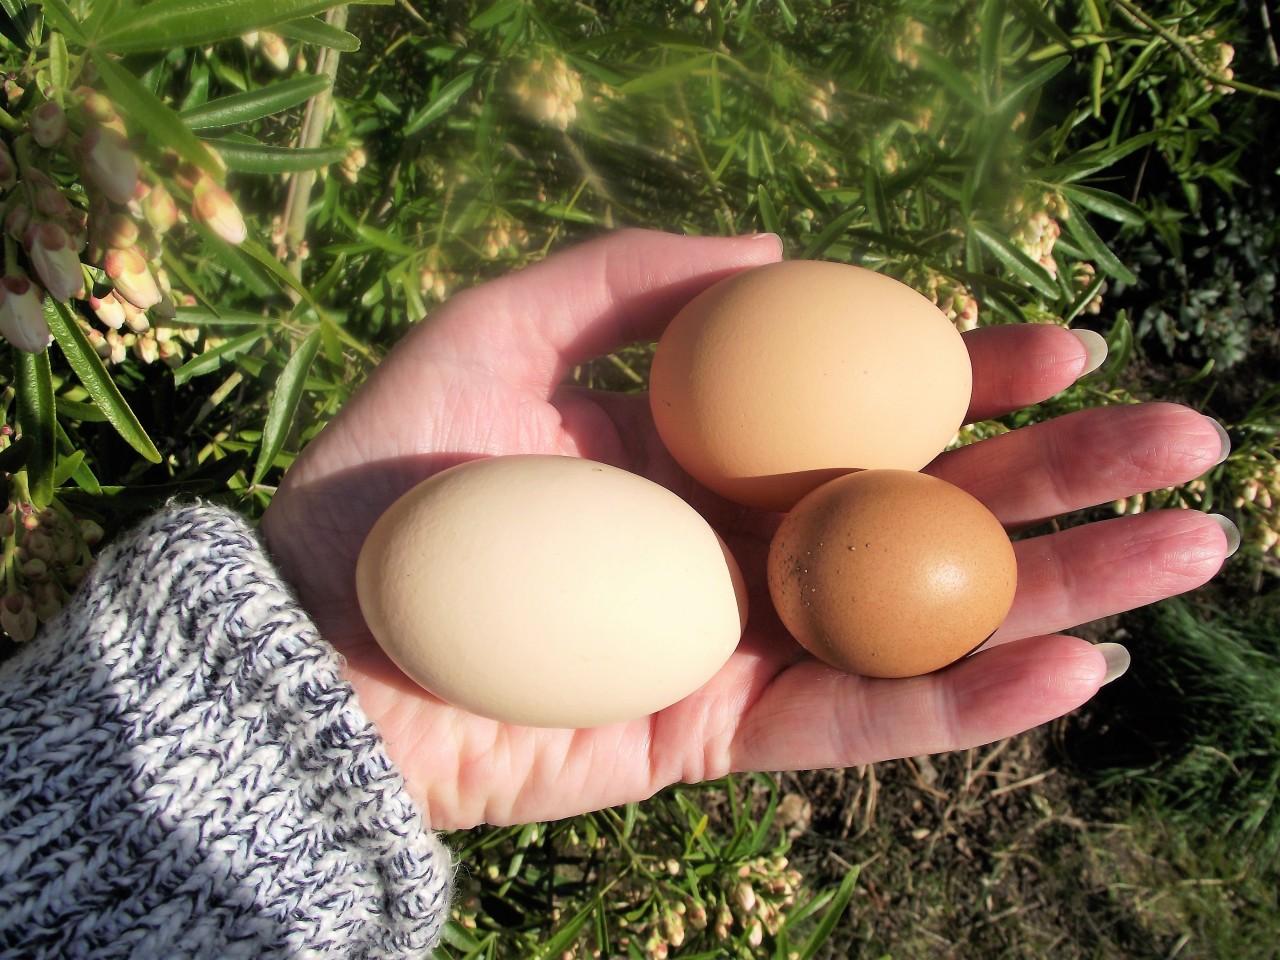 Eggs big anf small